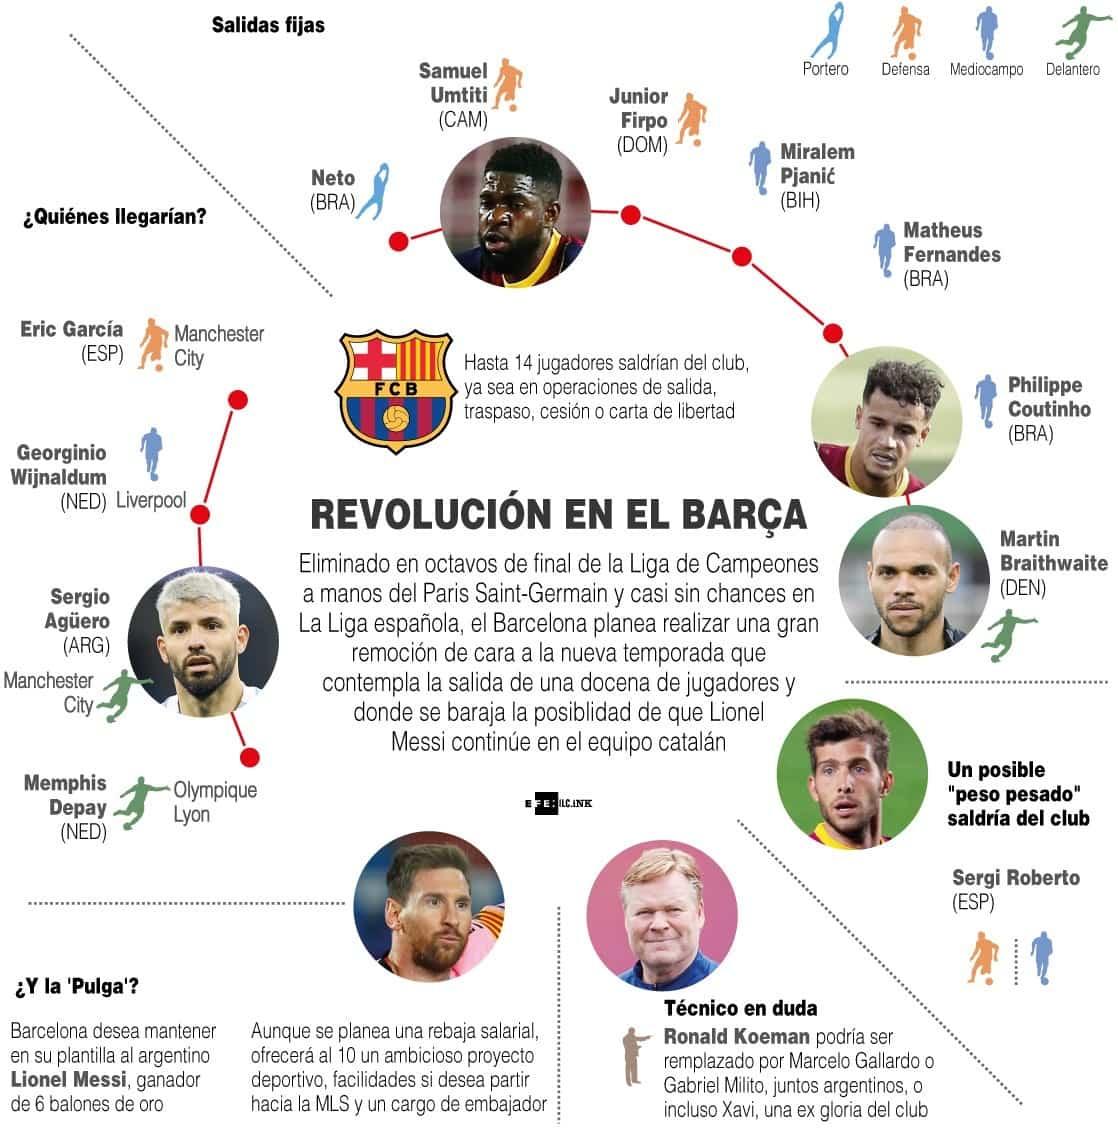 [Infografía] - Revolución en el Barça 1